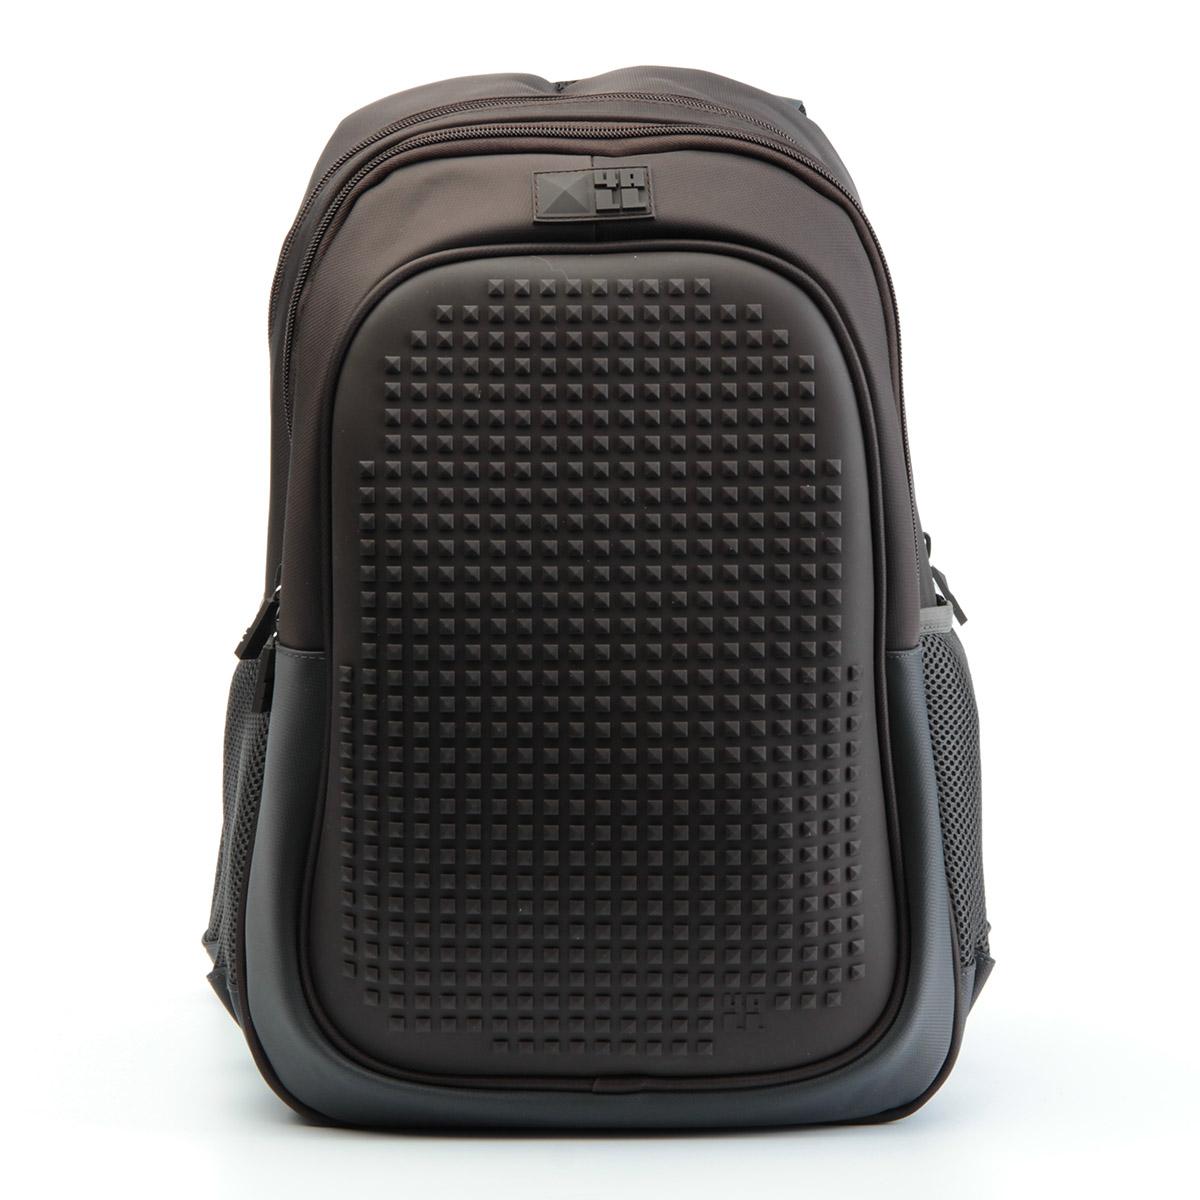 4ALL Рюкзак для девочек Case цвет темно-коричневыйRK61-01NРюкзак бренда 4ALL - это одновременно яркий, функциональный школьный аксессуар и площадка для самовыражения. Заботясь о Вашем комфорте, удобстве и творческом развитии мы создали уникальные рюкзаки CASE с силиконовой панелью и разноцветные мозаичные БИТЫ с помощью которых на рюкзаке можно создавать графические шедевры хоть каждый день! Наш рюкзак является не только помощником в переносе грузов, но и настоящей интерактивной площадкой! Благодаря силиконовой панели и пикселям он может информировать и транслировать любые Ваши художественные опыты! Особенности: AIR COMFORT system: - Система свободной циркуляции воздуха между задней стенкой рюкзака и спиной ребенка. ERGO system: - Разработанная нами система ERGO служит равномерному распределению нагрузки на спину ребенка. Она способна сделать рюкзак, наполненный учебниками, легким. ERGO служит сохранению правильной осанки и заботится о здоровье позвоночника! А также: - Гипоаллергенный силикон; - Водоотталкивающие материалы; - Устойчивость...